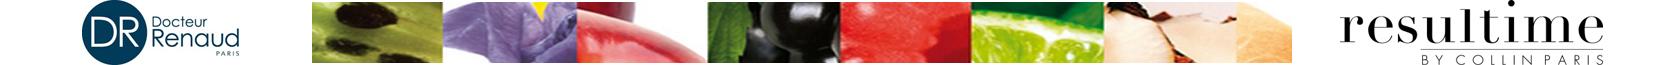 site de vente en ligne RESULTIME et Dr RENAUD